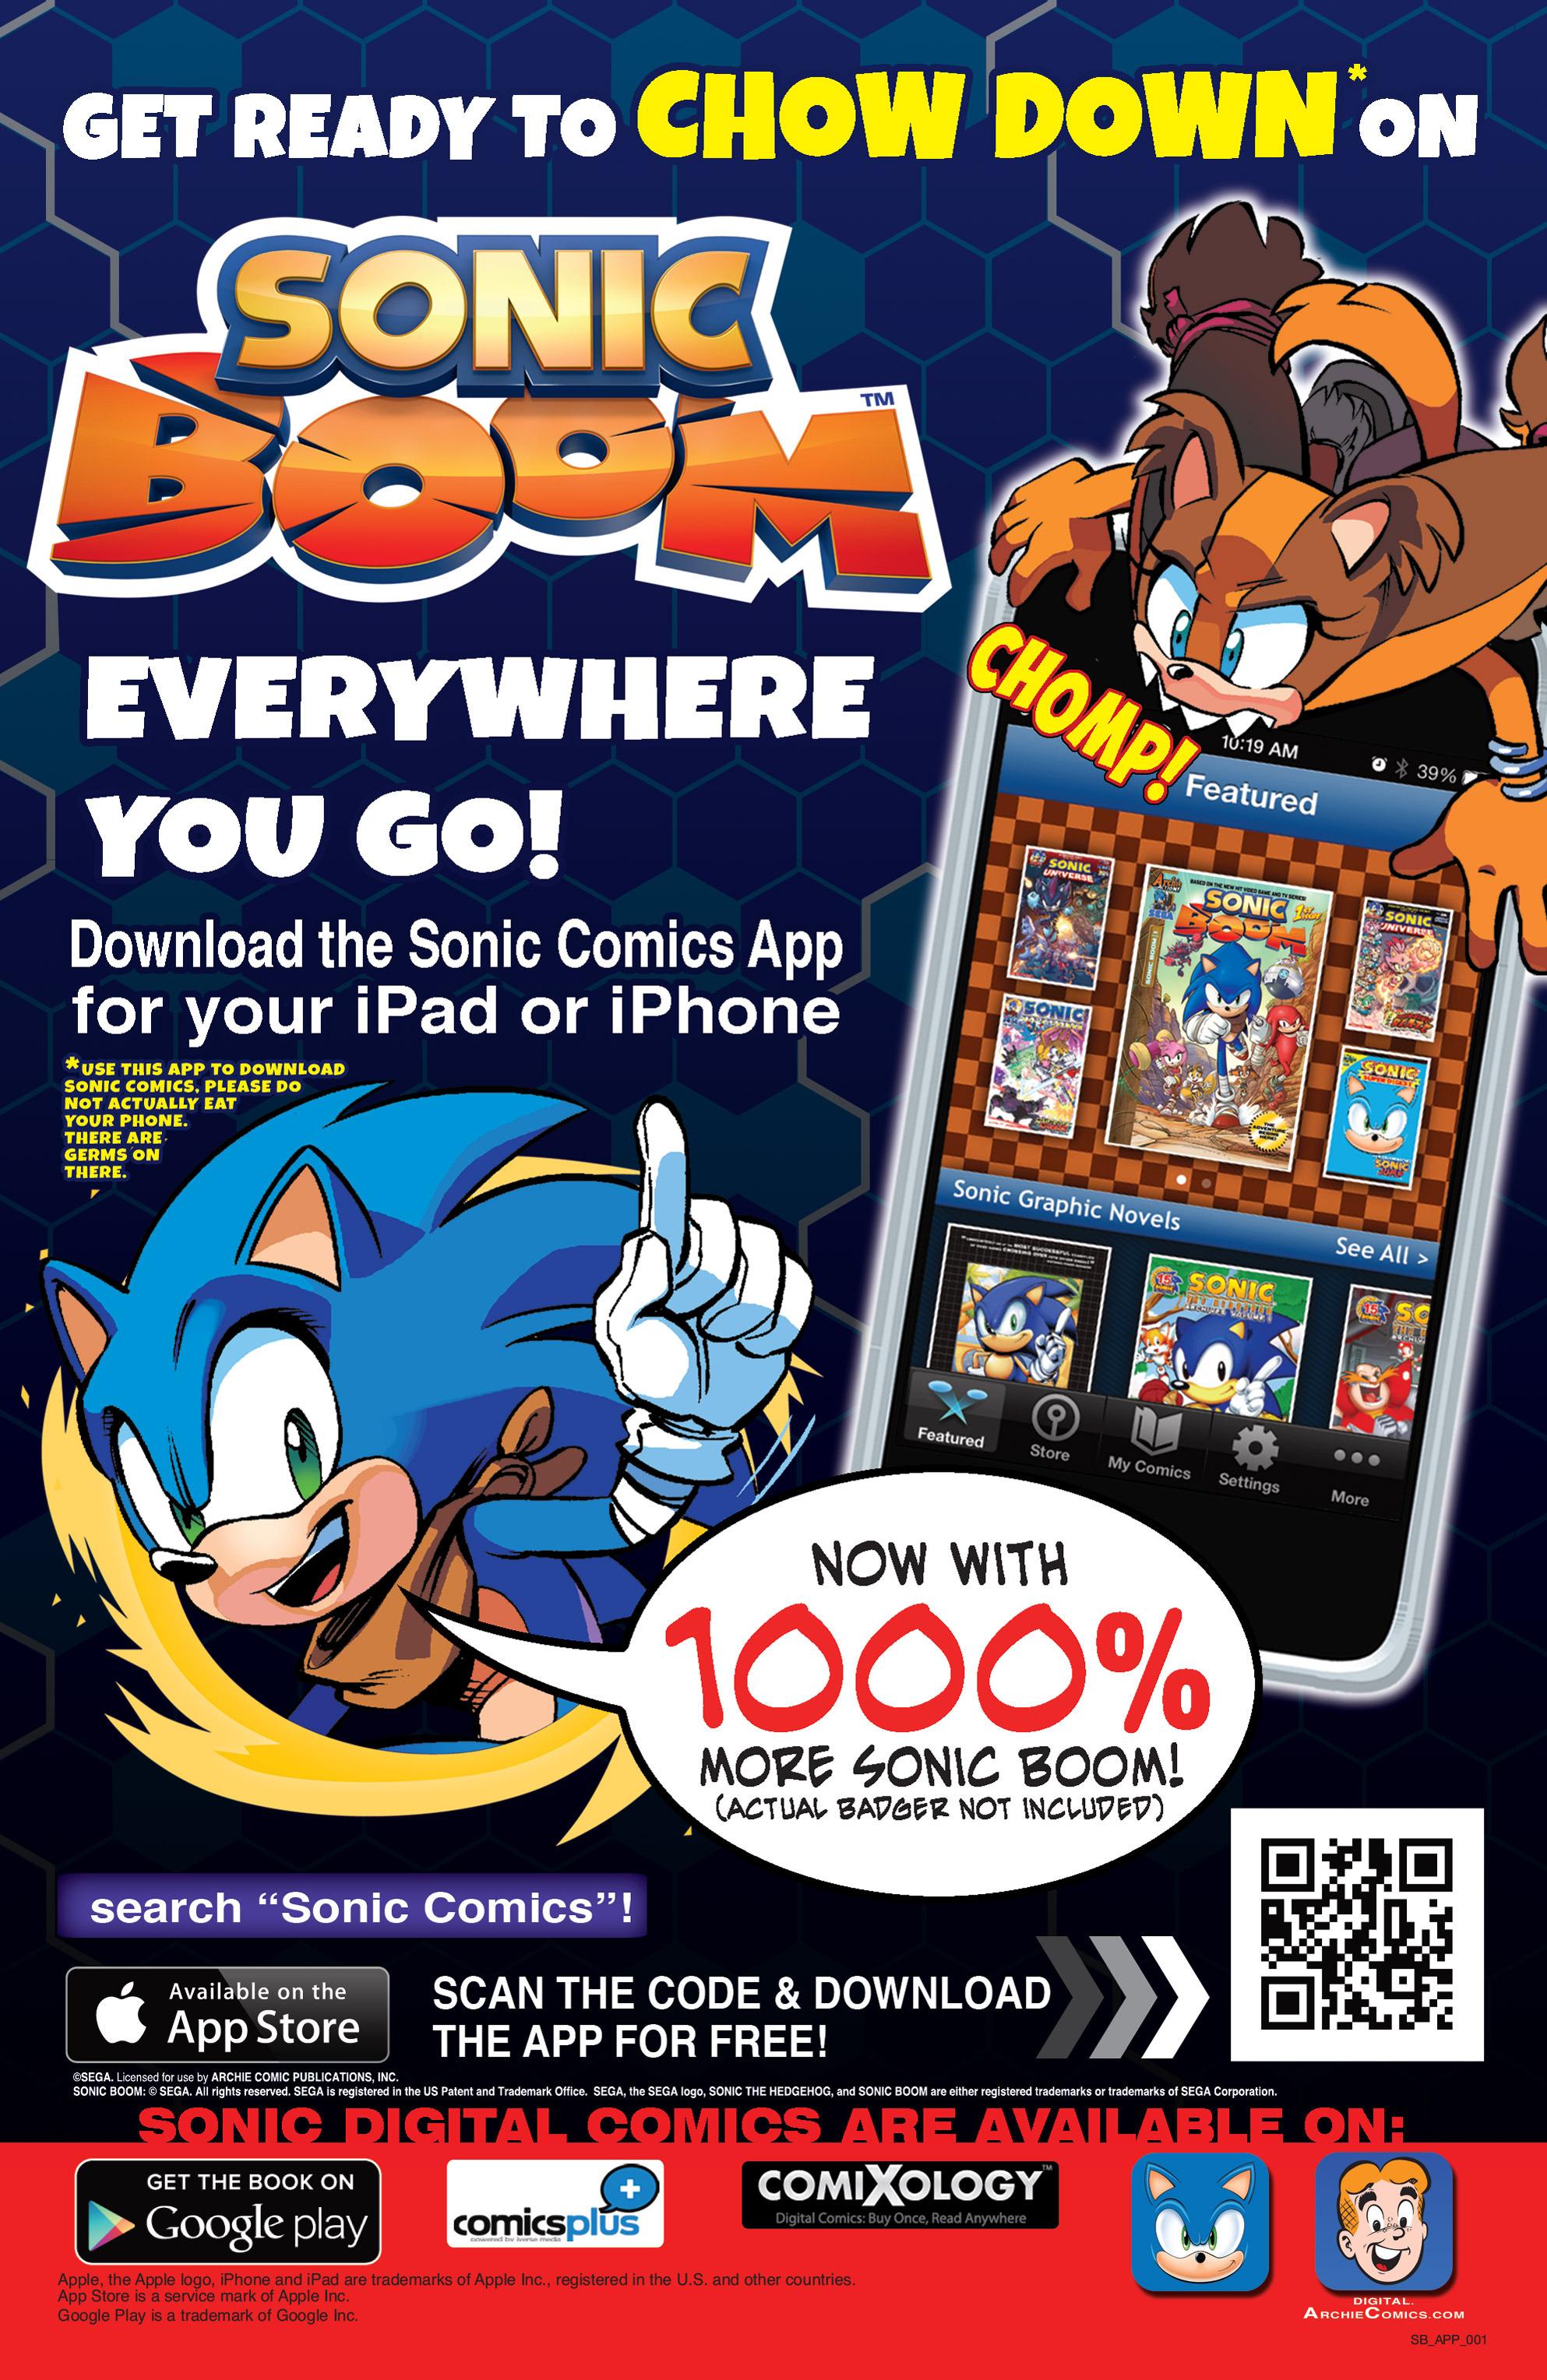 Image - 862477] | Archie Sonic Comics | Know Your Meme